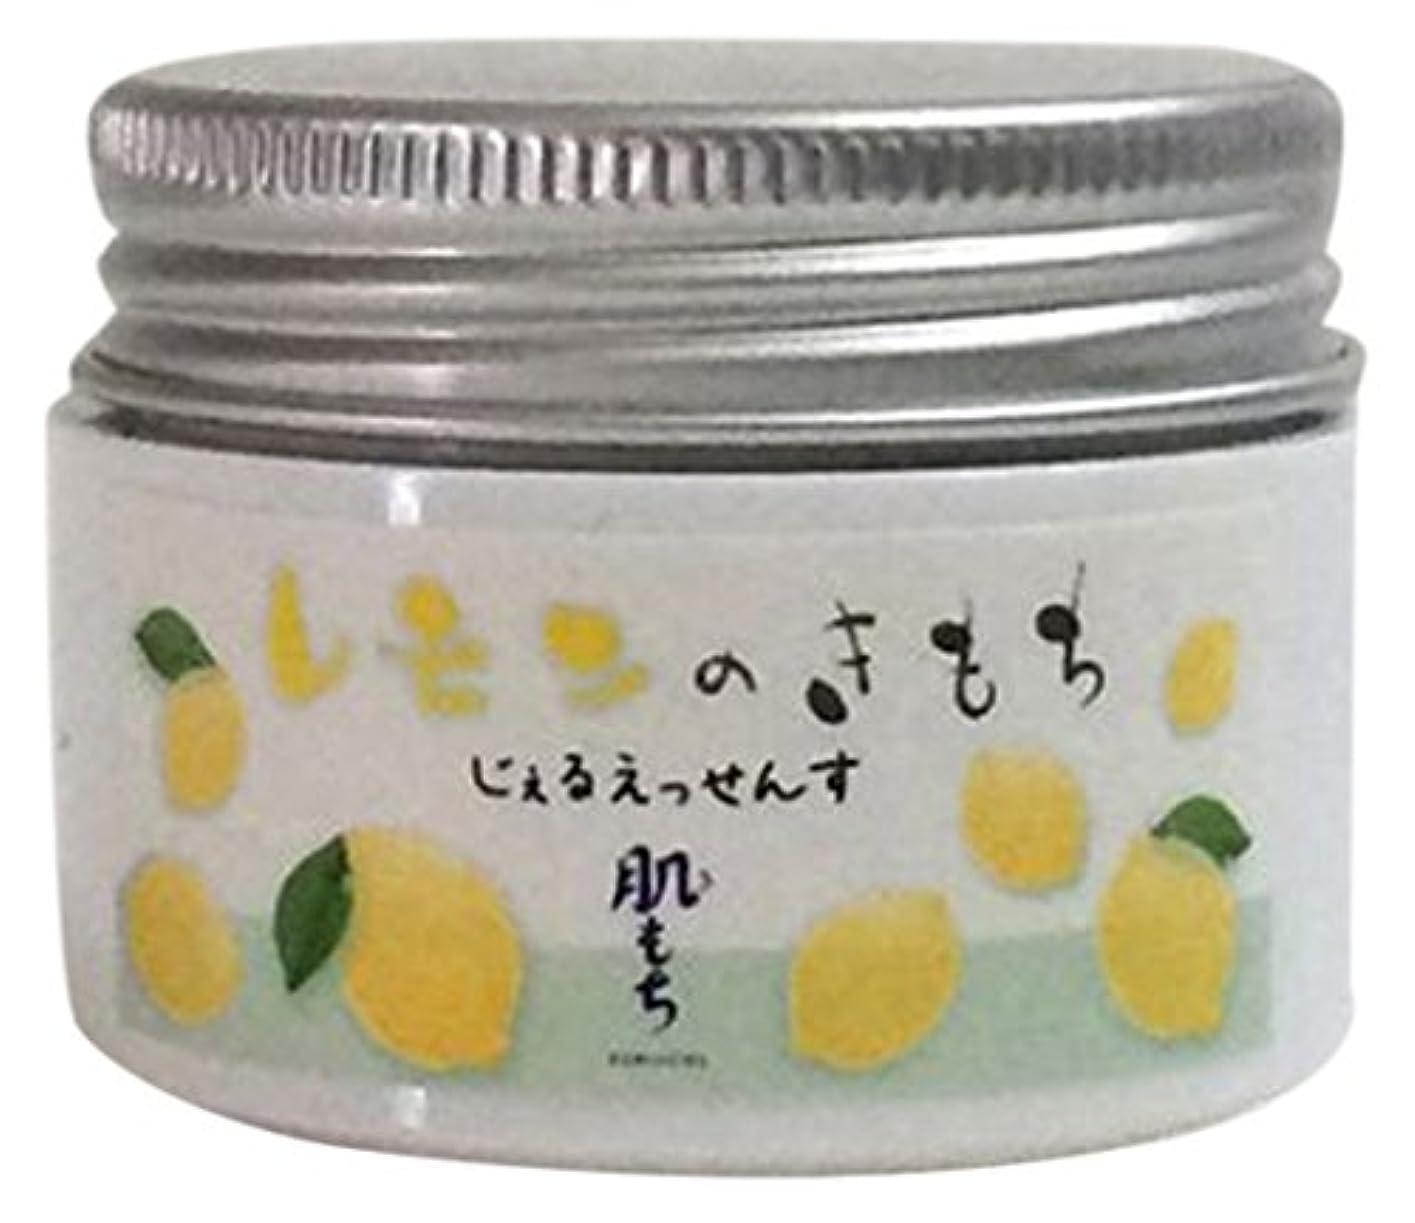 宙返りすべき目覚める肌もち ジェルエッセンス(レモン) 50g